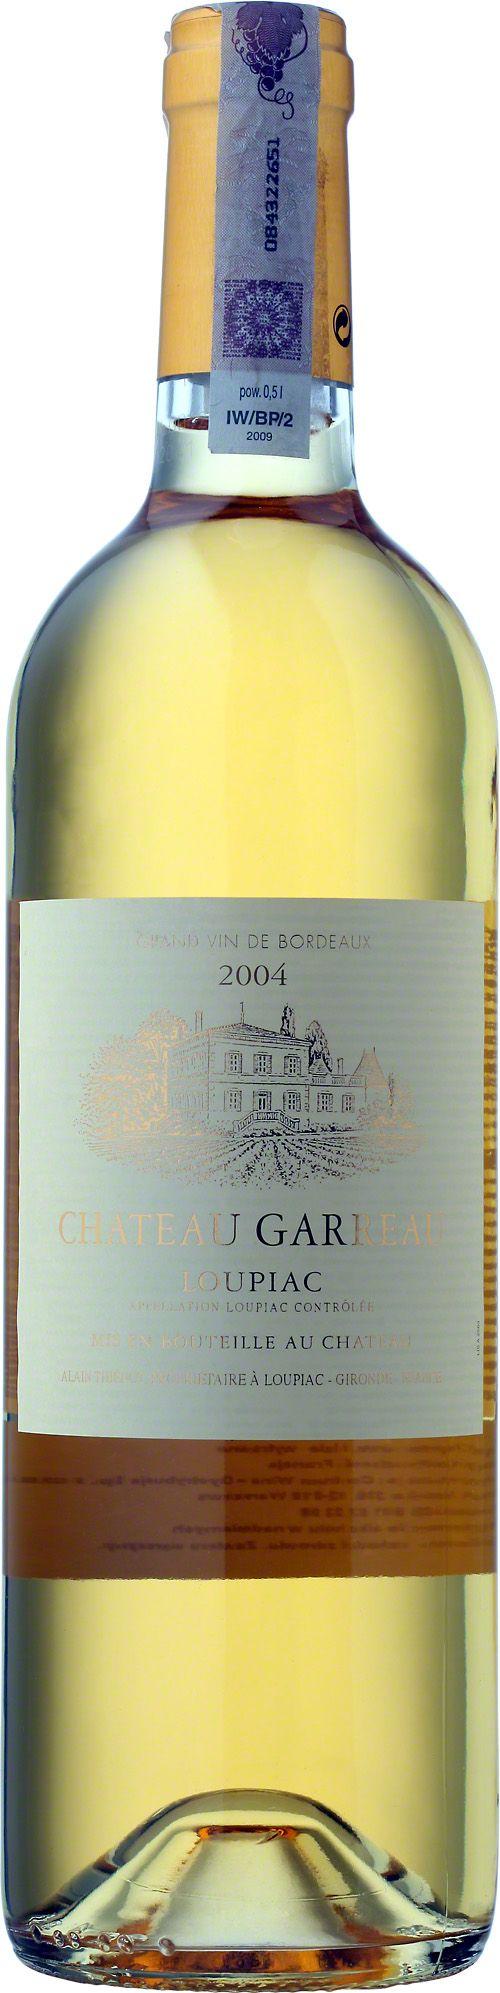 Wino Chateau - Chateau Garreau Loupiac A.O.C Wino o słomkowożółtej barwie z wyczuwalnymi aromatami cytrusów i skórki pomarańczowej. Eleganckie i kompleksowe wino. #Wino #Bordeaux #SauvignonBlanc #Winezja